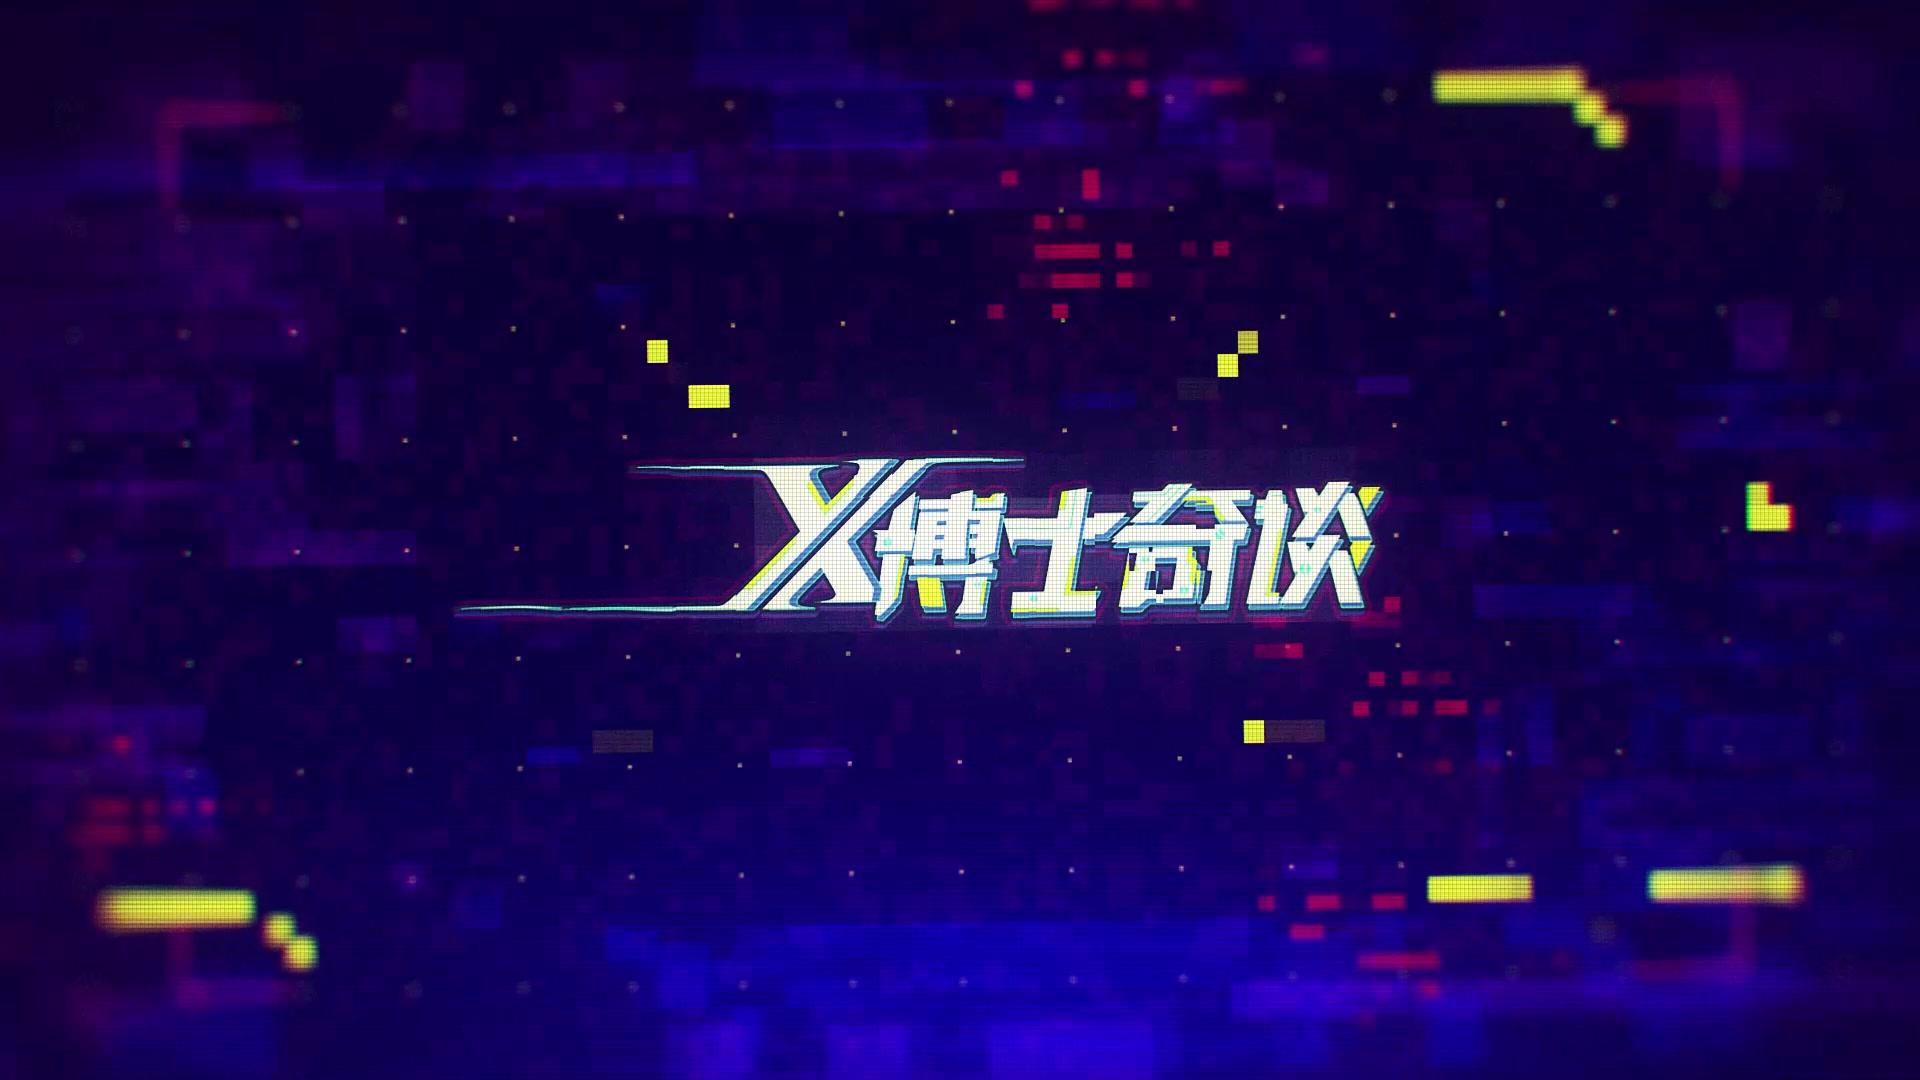 金庸神作!改编中国史上最强武侠游戏畅销超百万,传承至今25年!